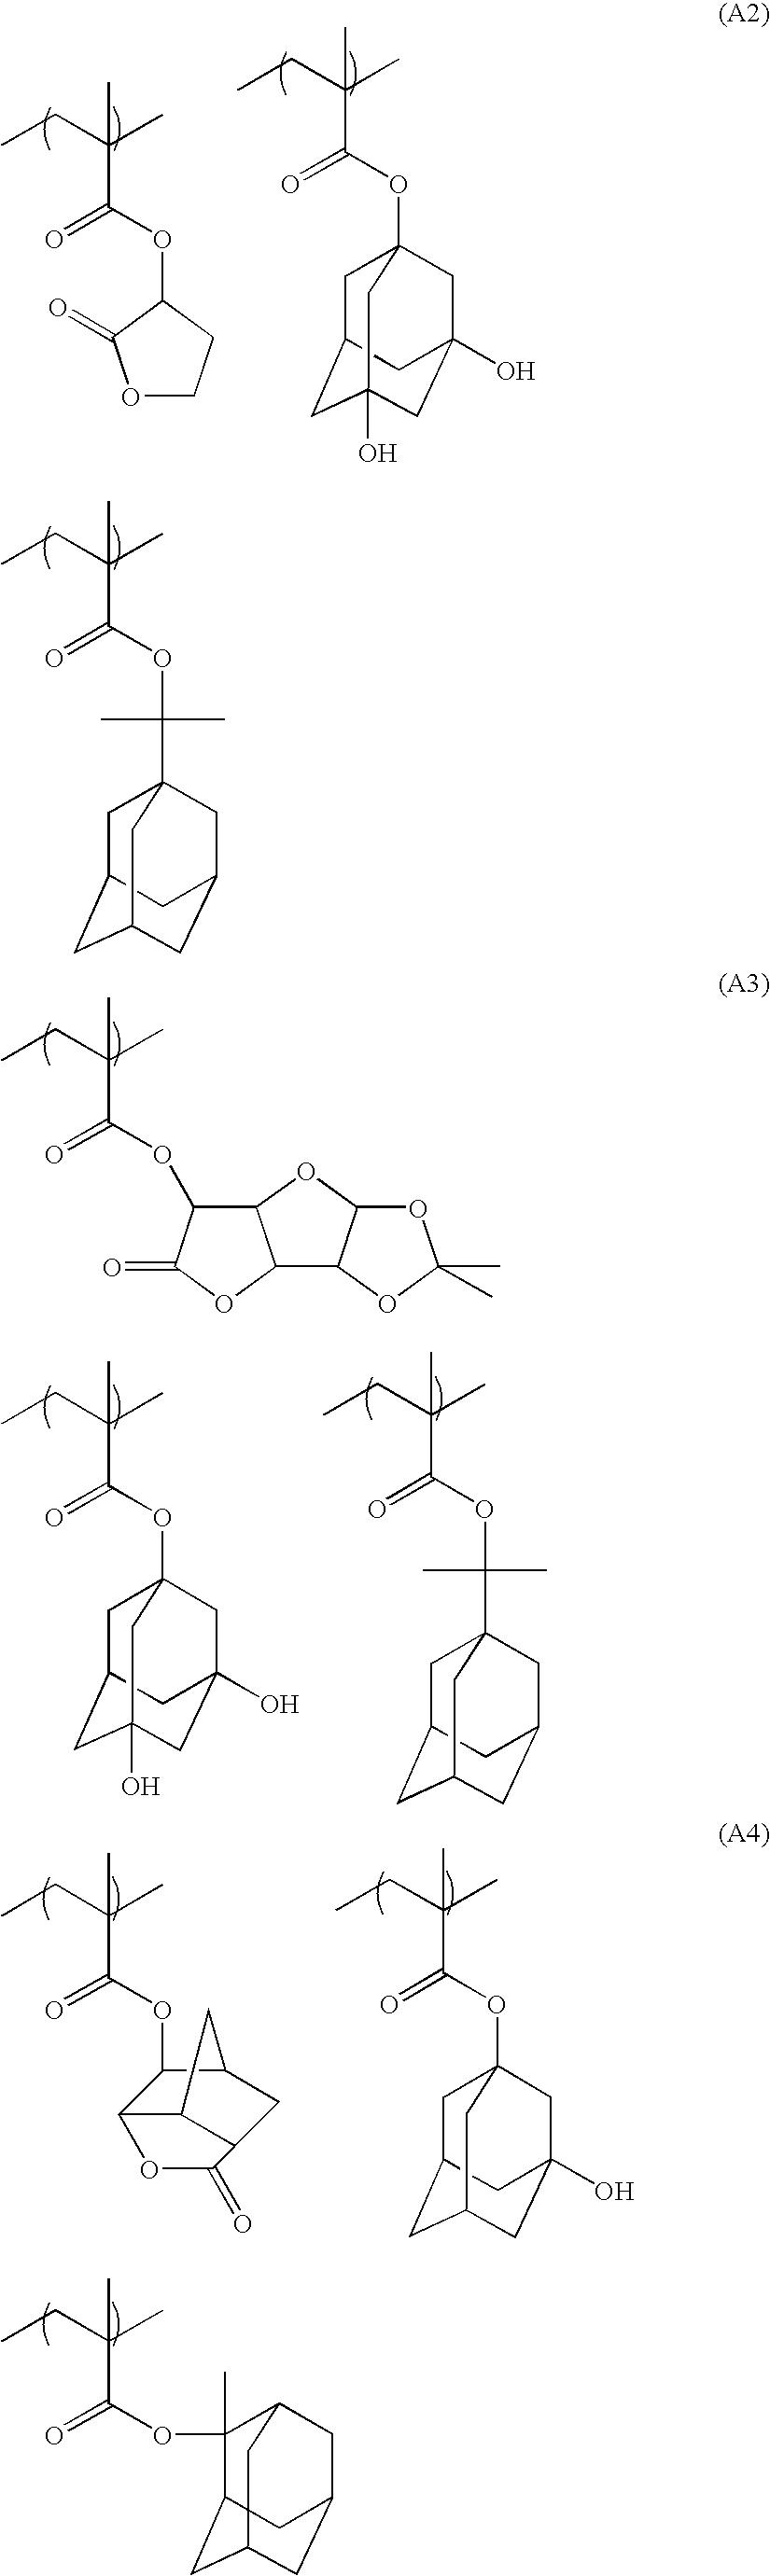 Figure US07998655-20110816-C00075